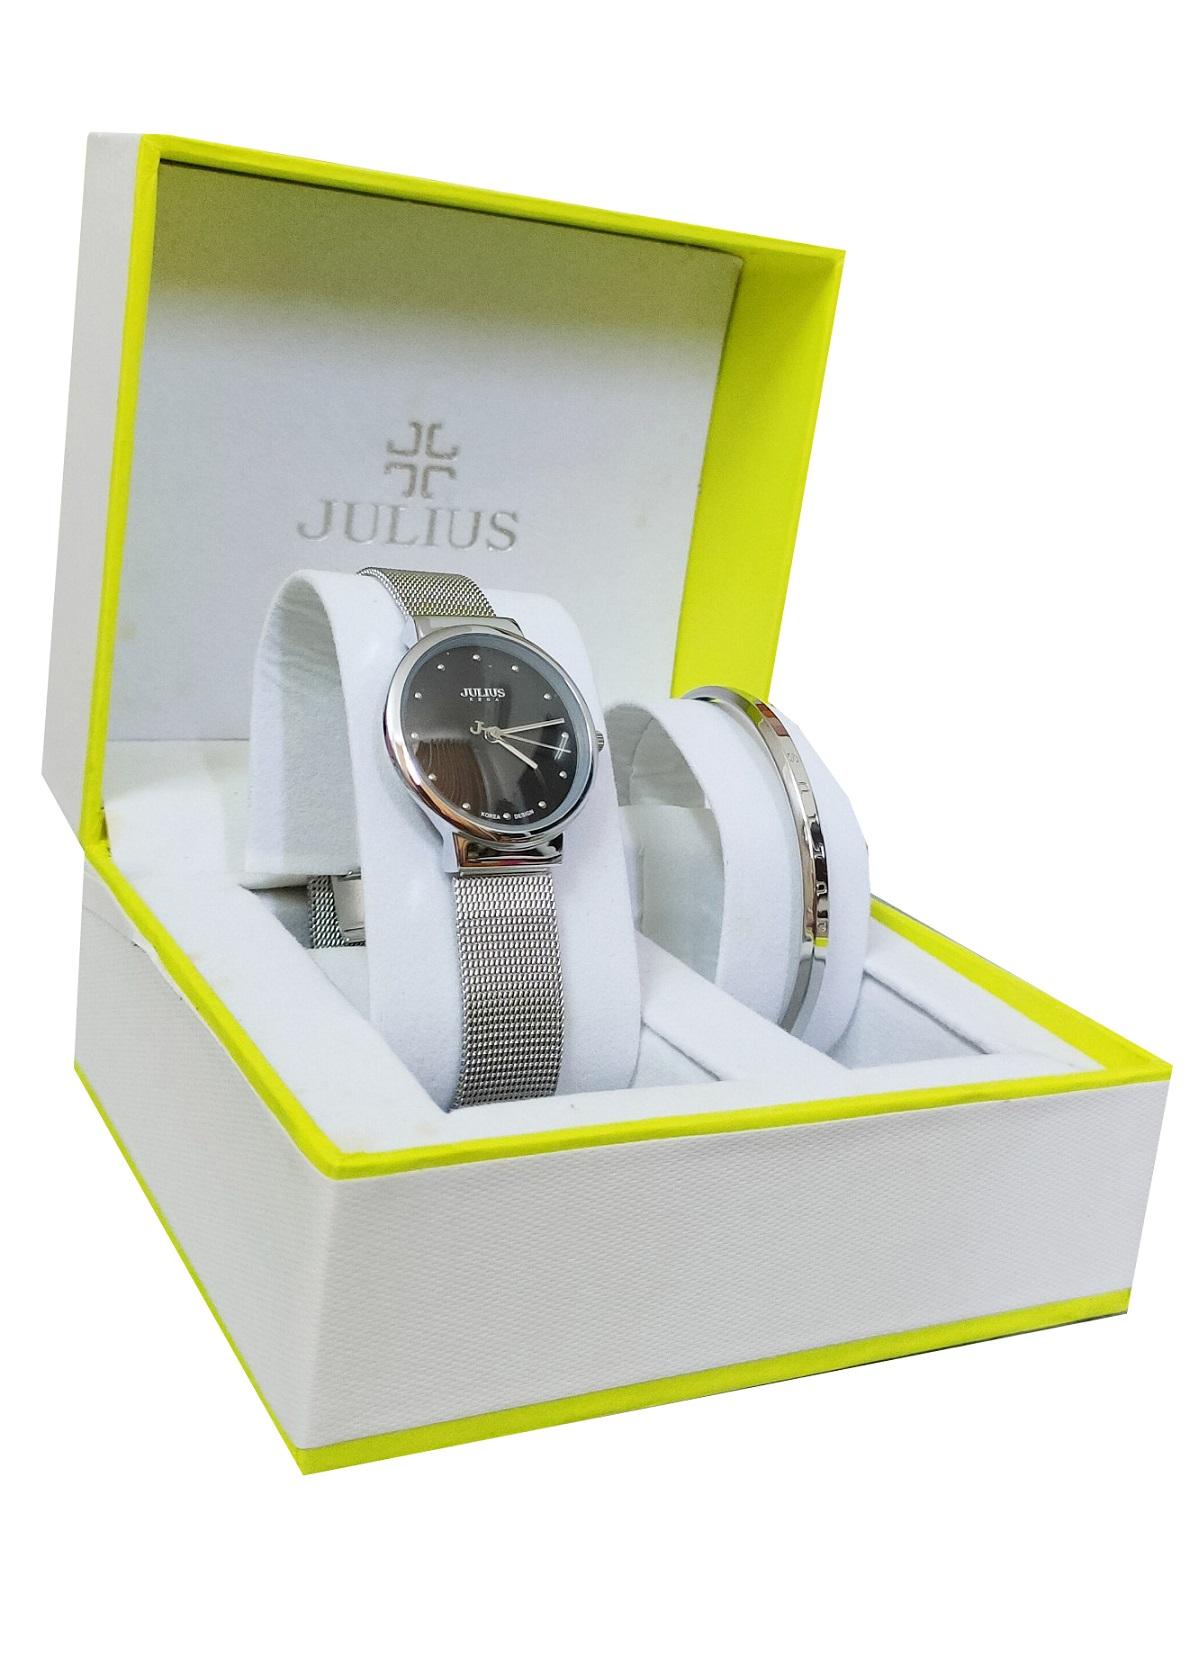 Bộ combo đồng hồ nữ Julius Ja-426 bạc mặt đen và lắc tay Julius